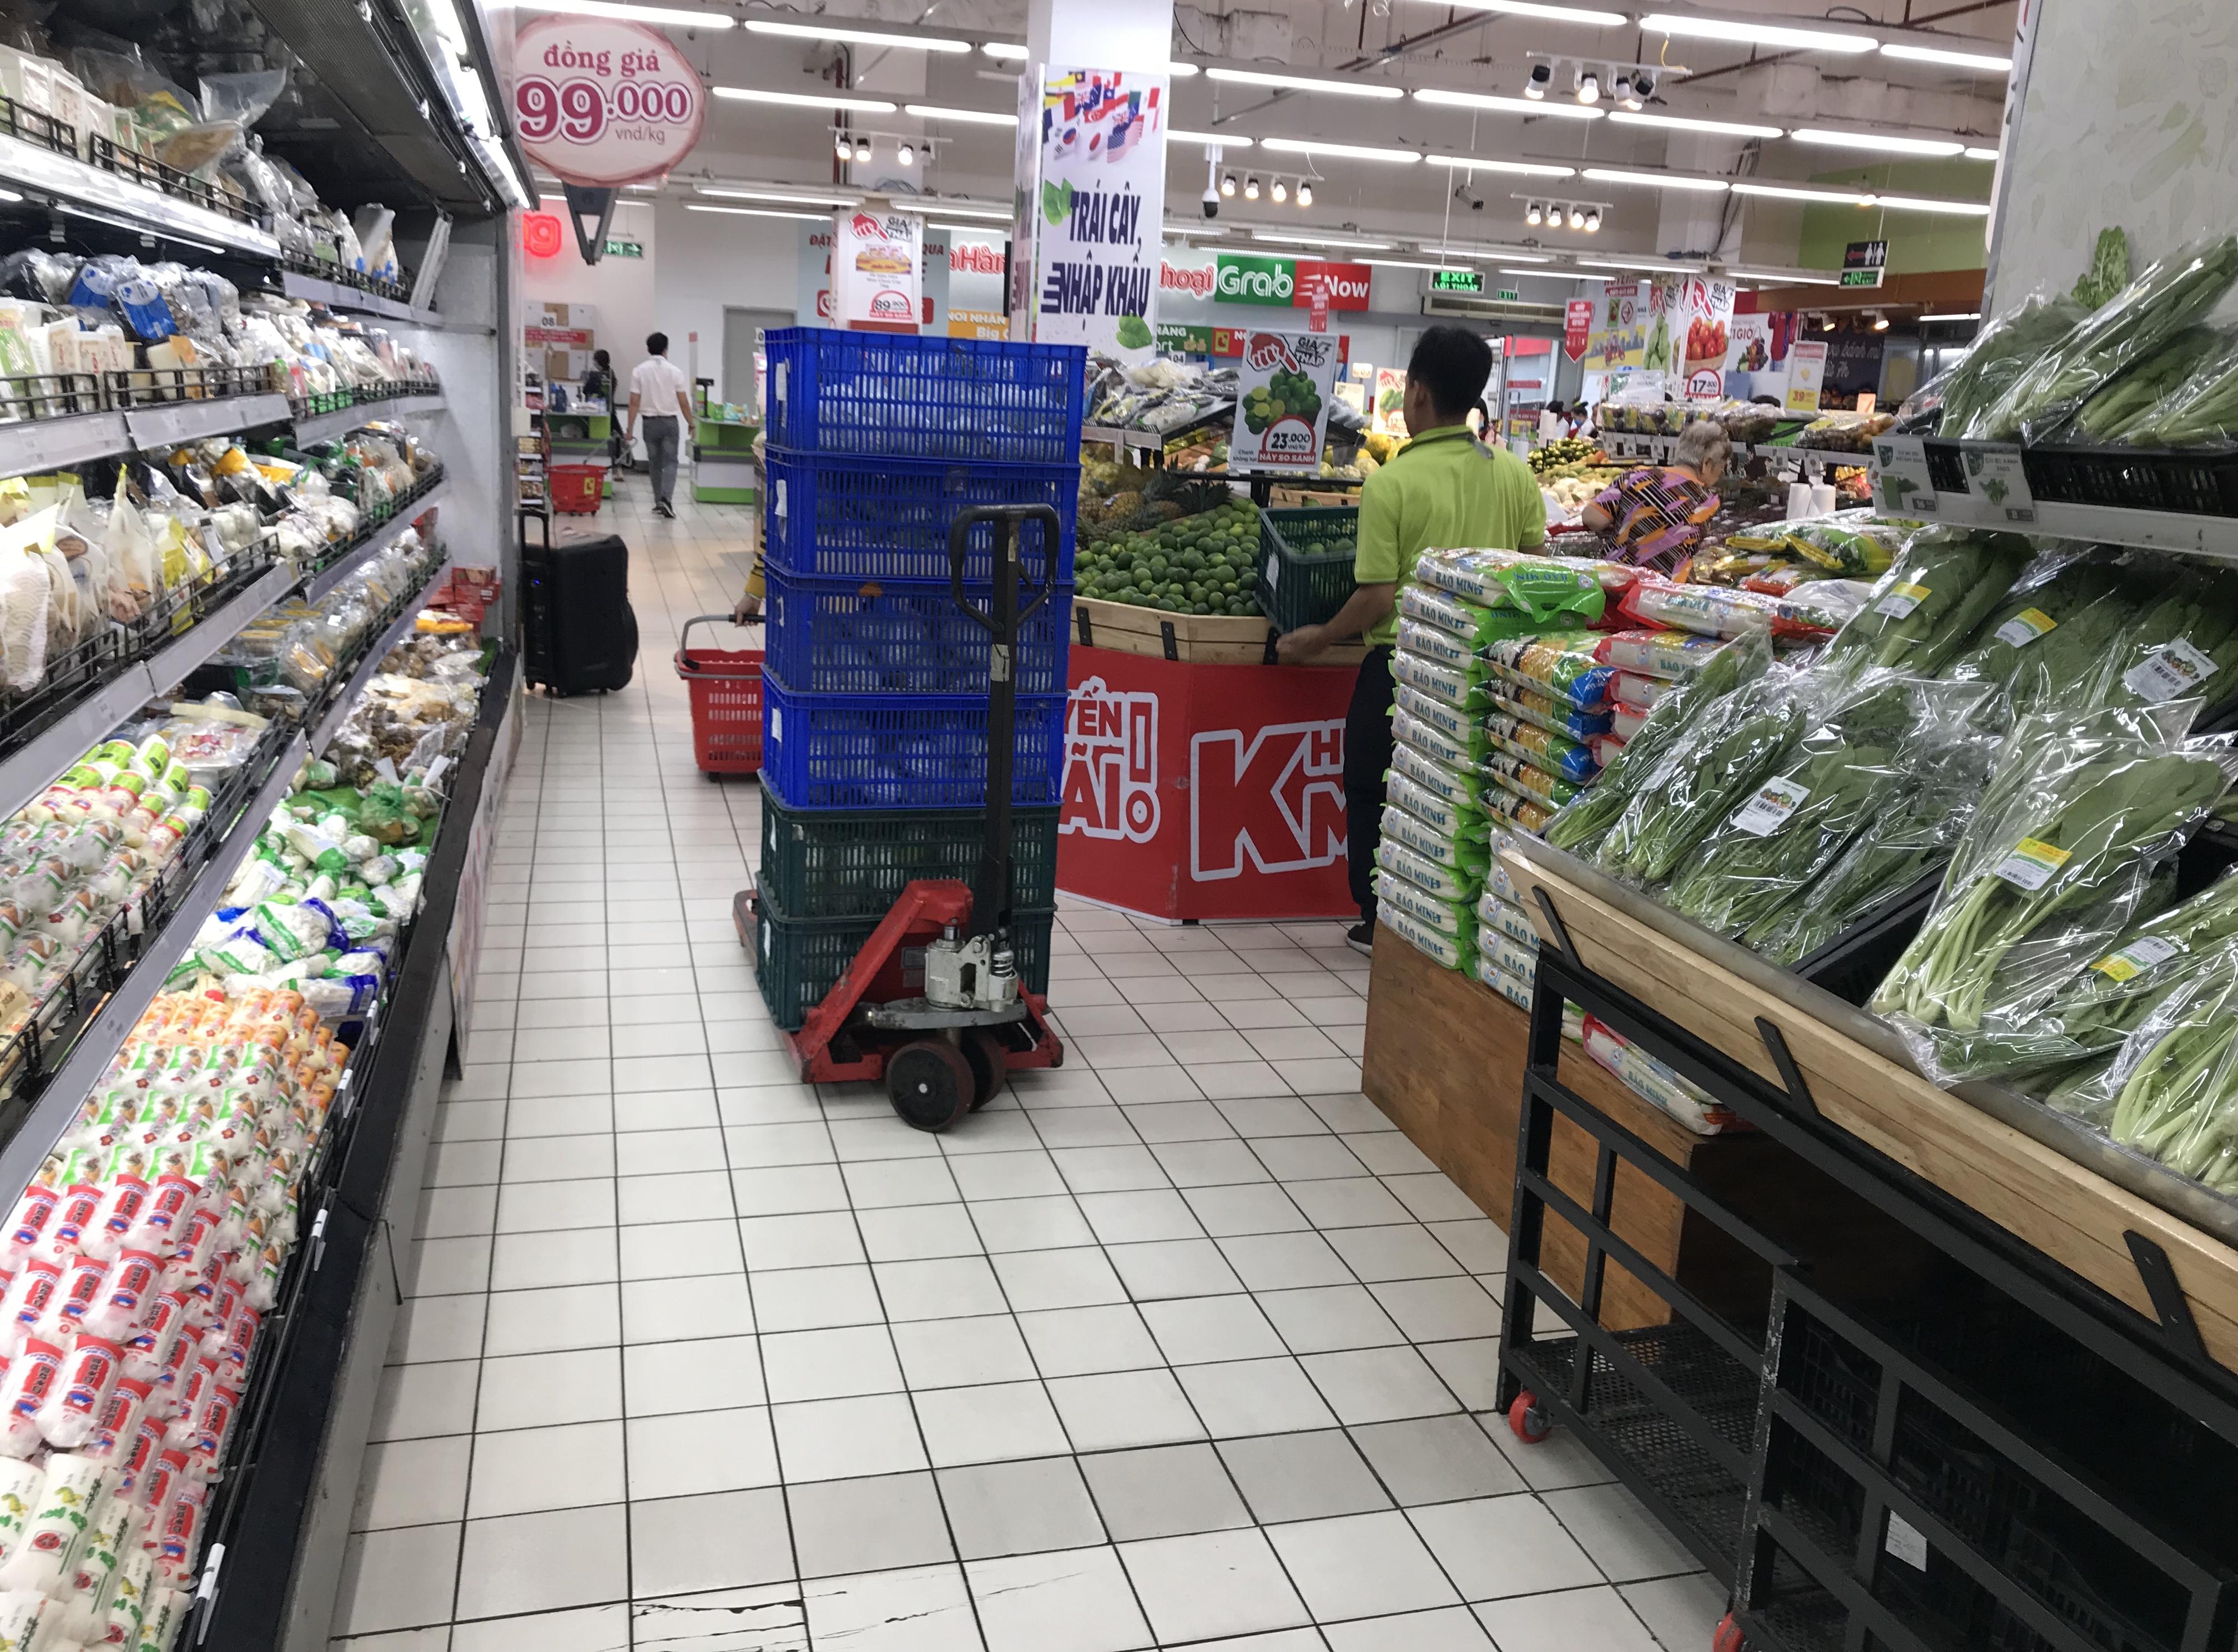 Big C miền Đông bất ngờ thông báo đóng cửa, người tiêu dùng sững sờ, siêu thị vắng lặng chiều nay - Ảnh 13.